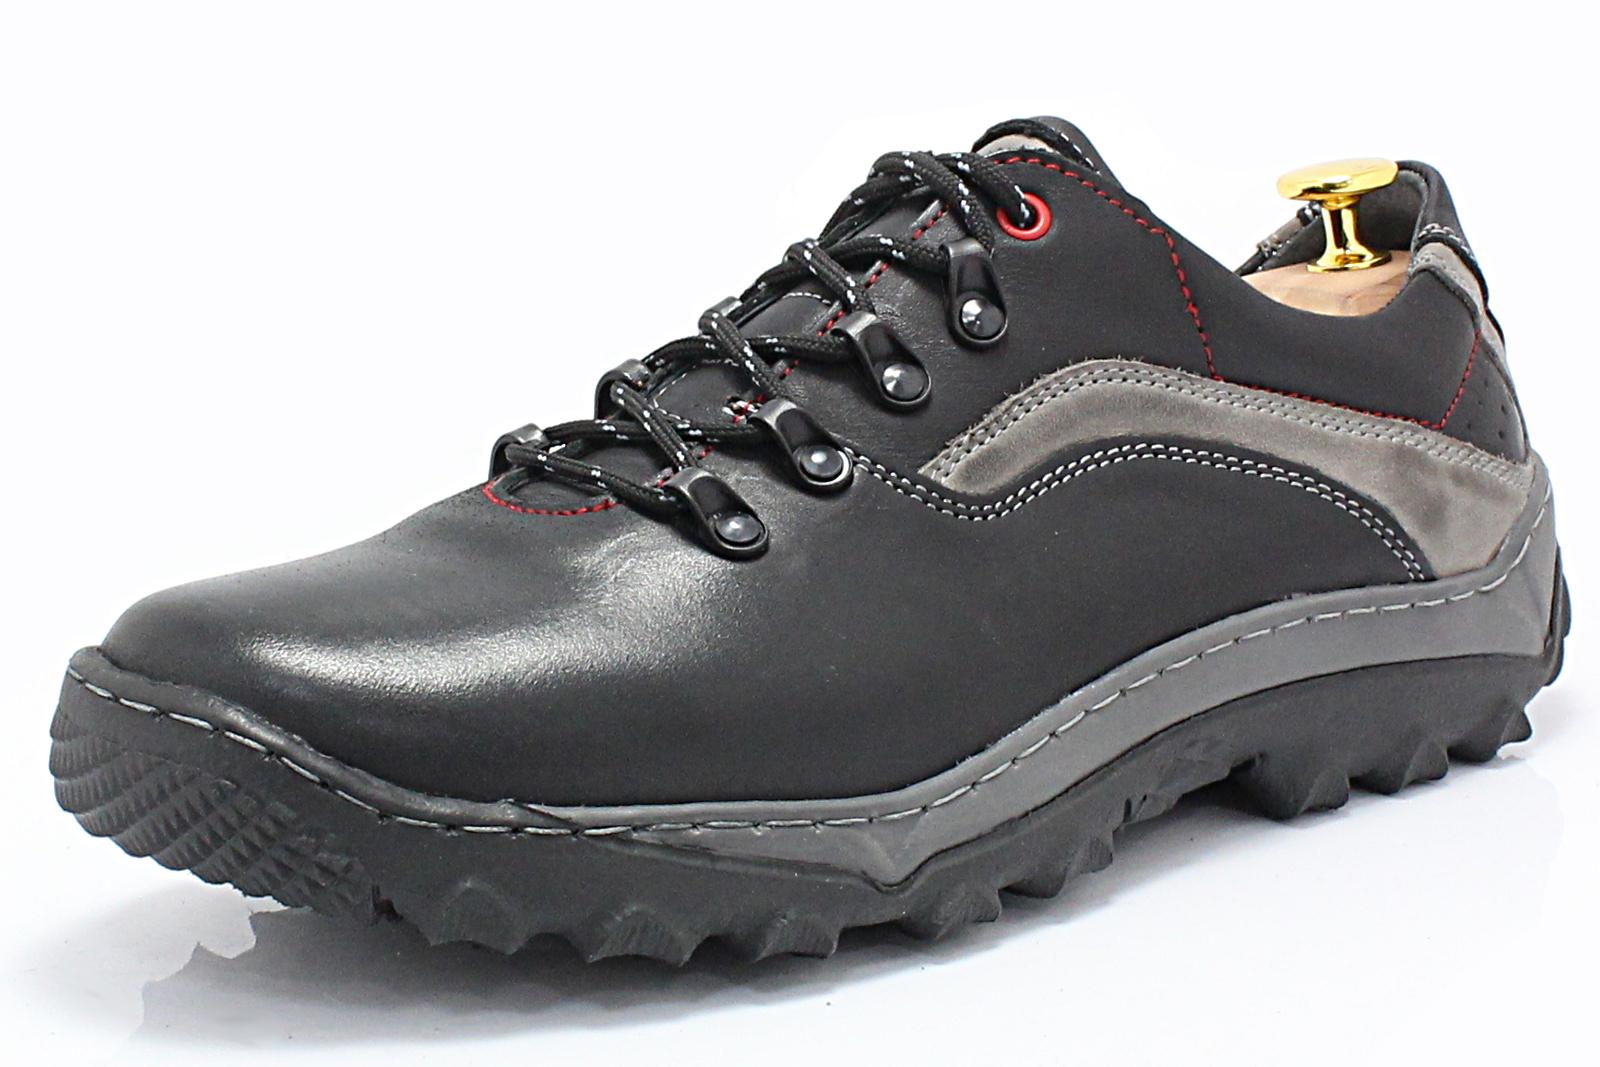 ced8ad82 KENT 268 CZARNY- Polskie solidne buty trekkingowe ze skóry naturalnej